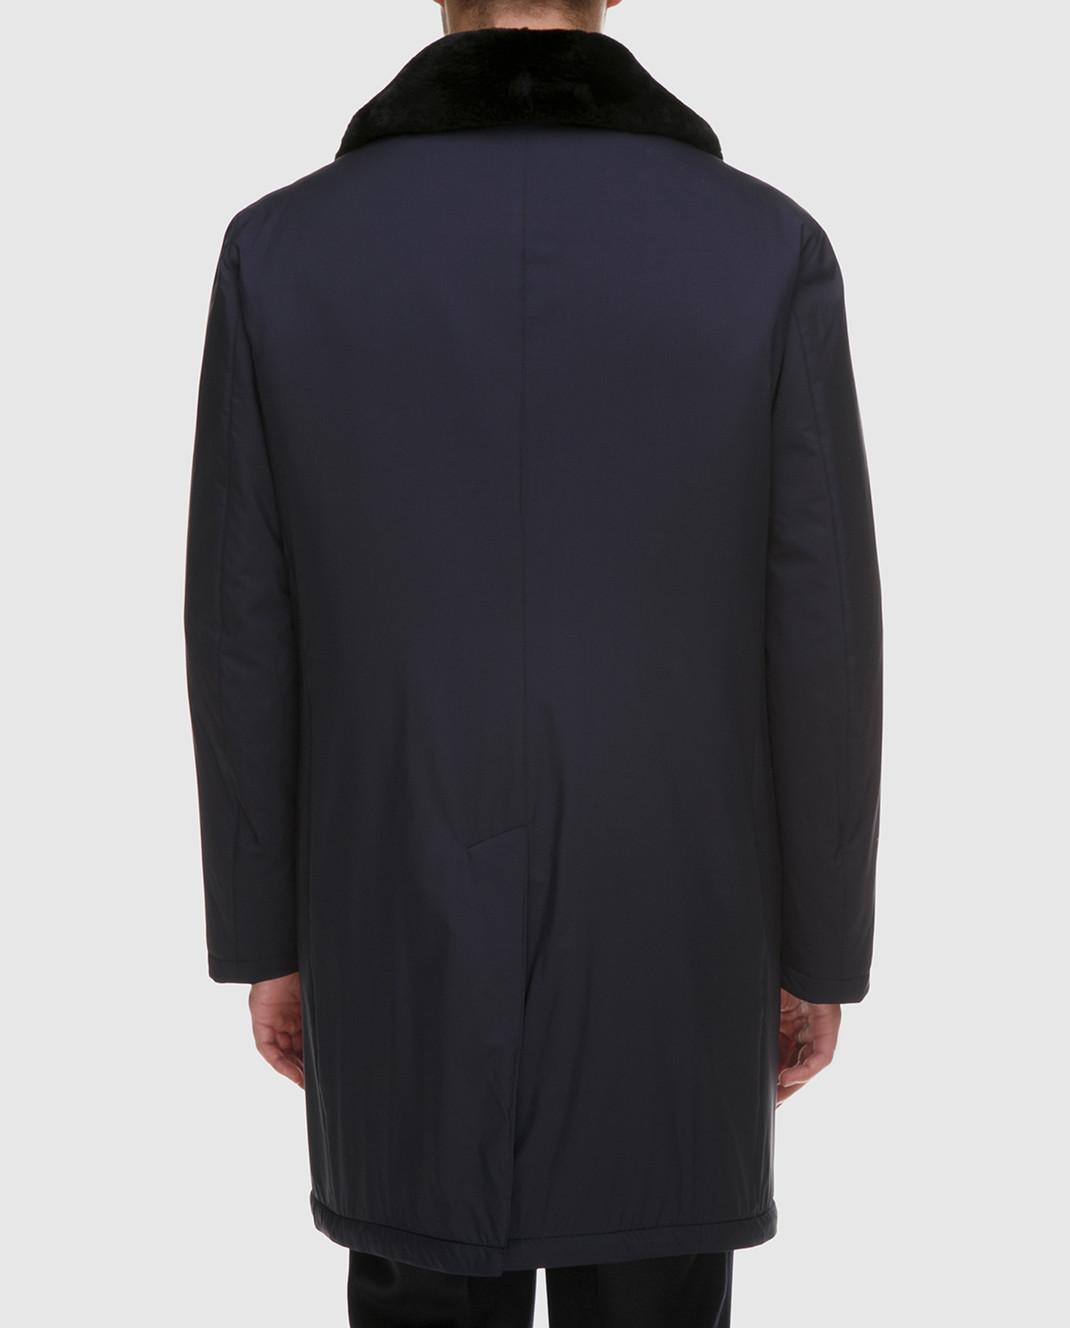 Enrico Mandelli Синее пальто из шелка со съёмным воротником из меха нутрии A6T766 изображение 4